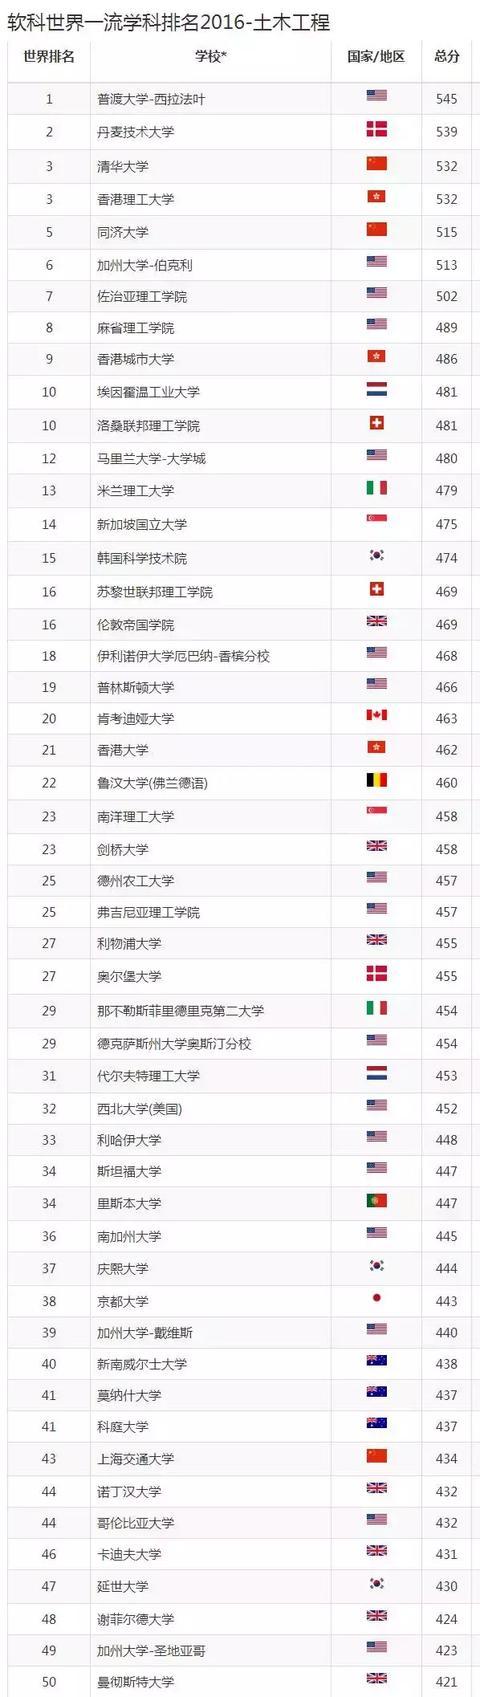 上海软科学科排名